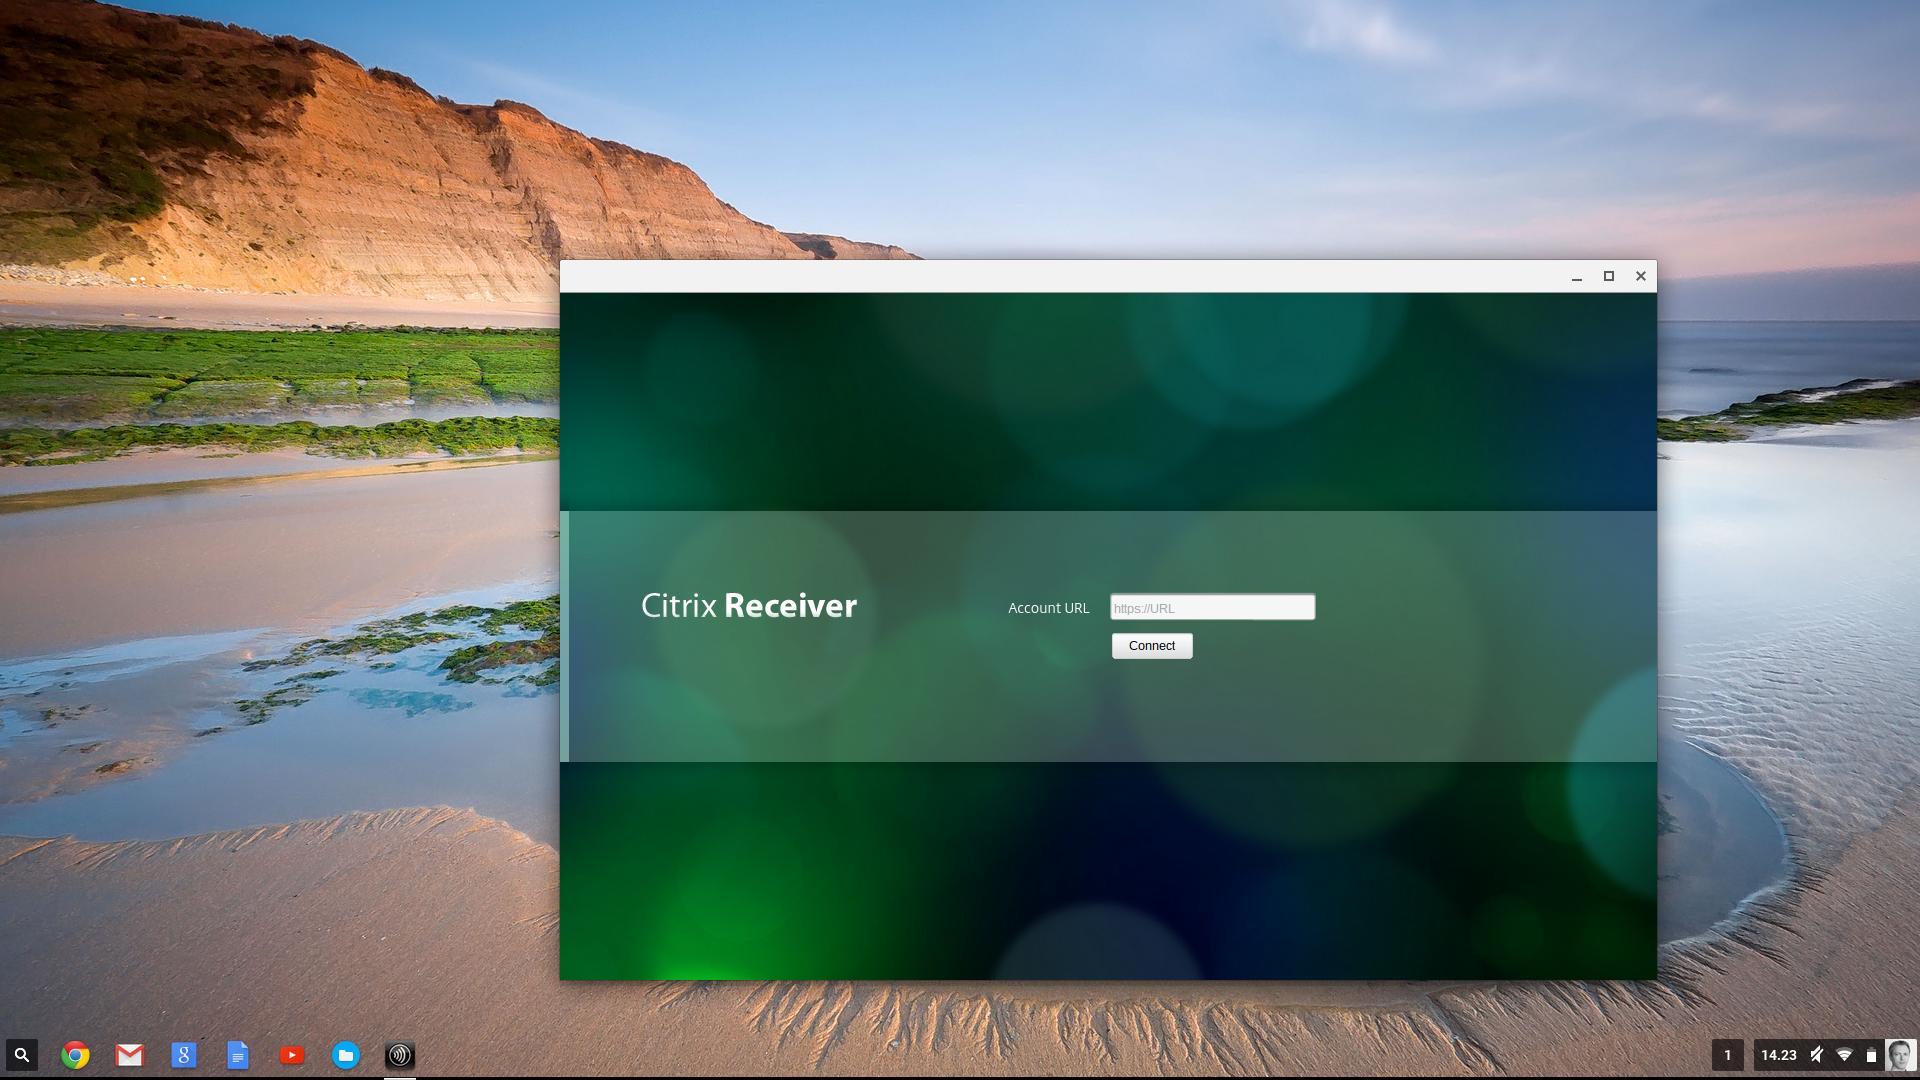 Citrix Receiver til Chromebook. Problemet er at lenker i vår Citrix-portal ikke kaller opp Citrix Receiver slik de skal, på grunn av manglende NPAPI-støtte i Chrome OS.